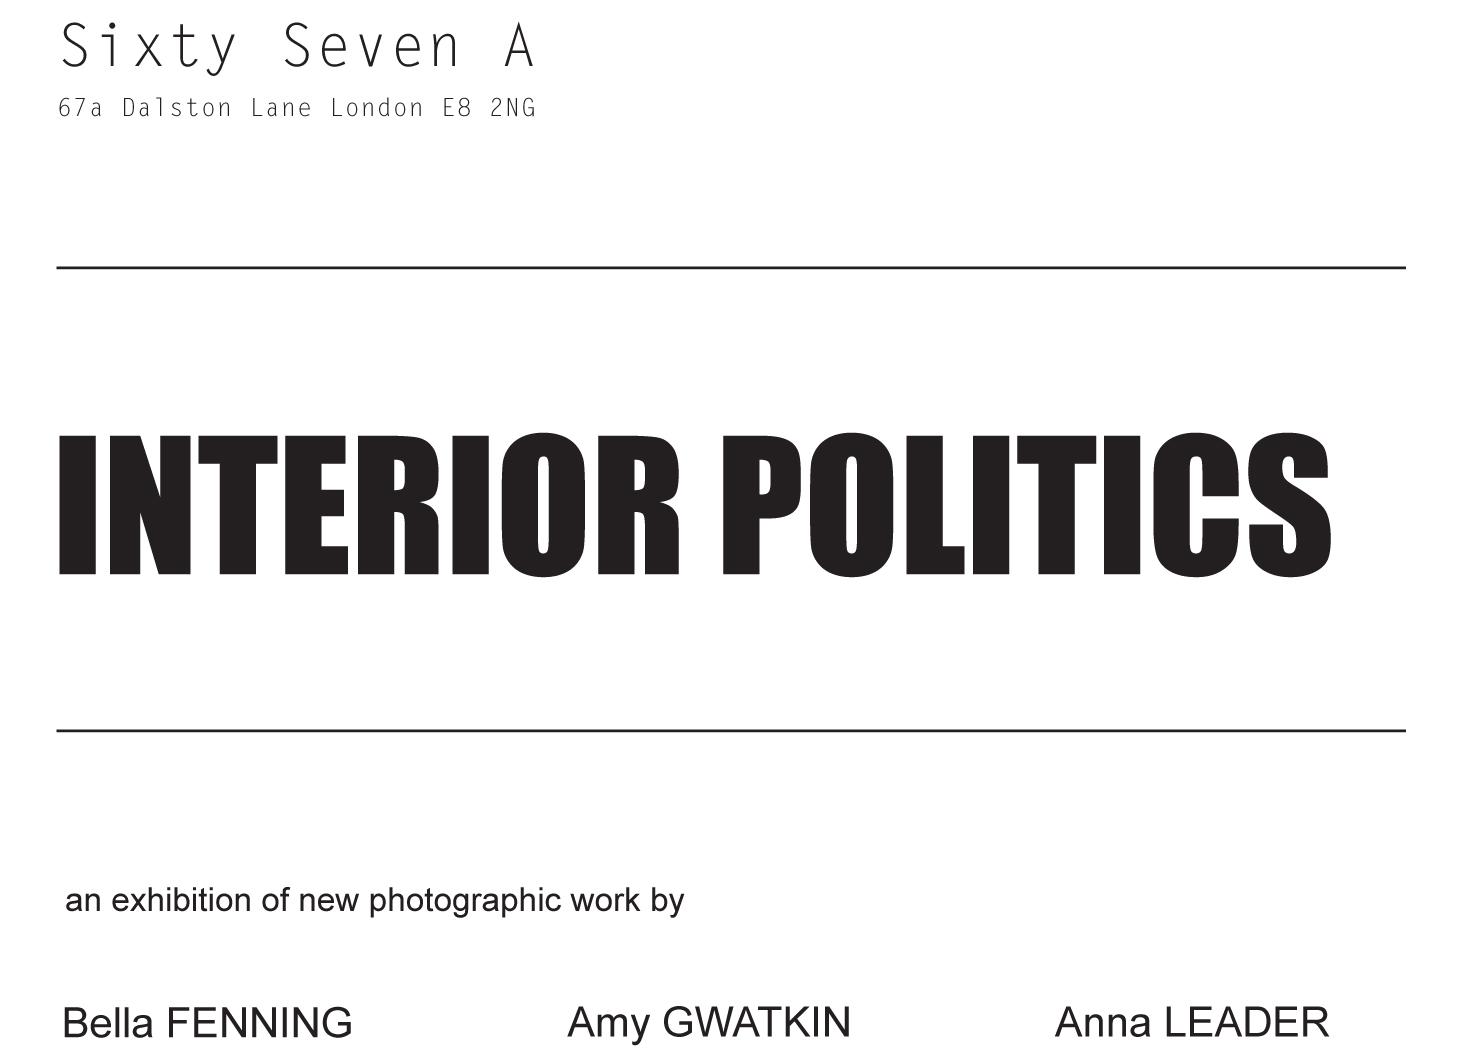 Interior Politics